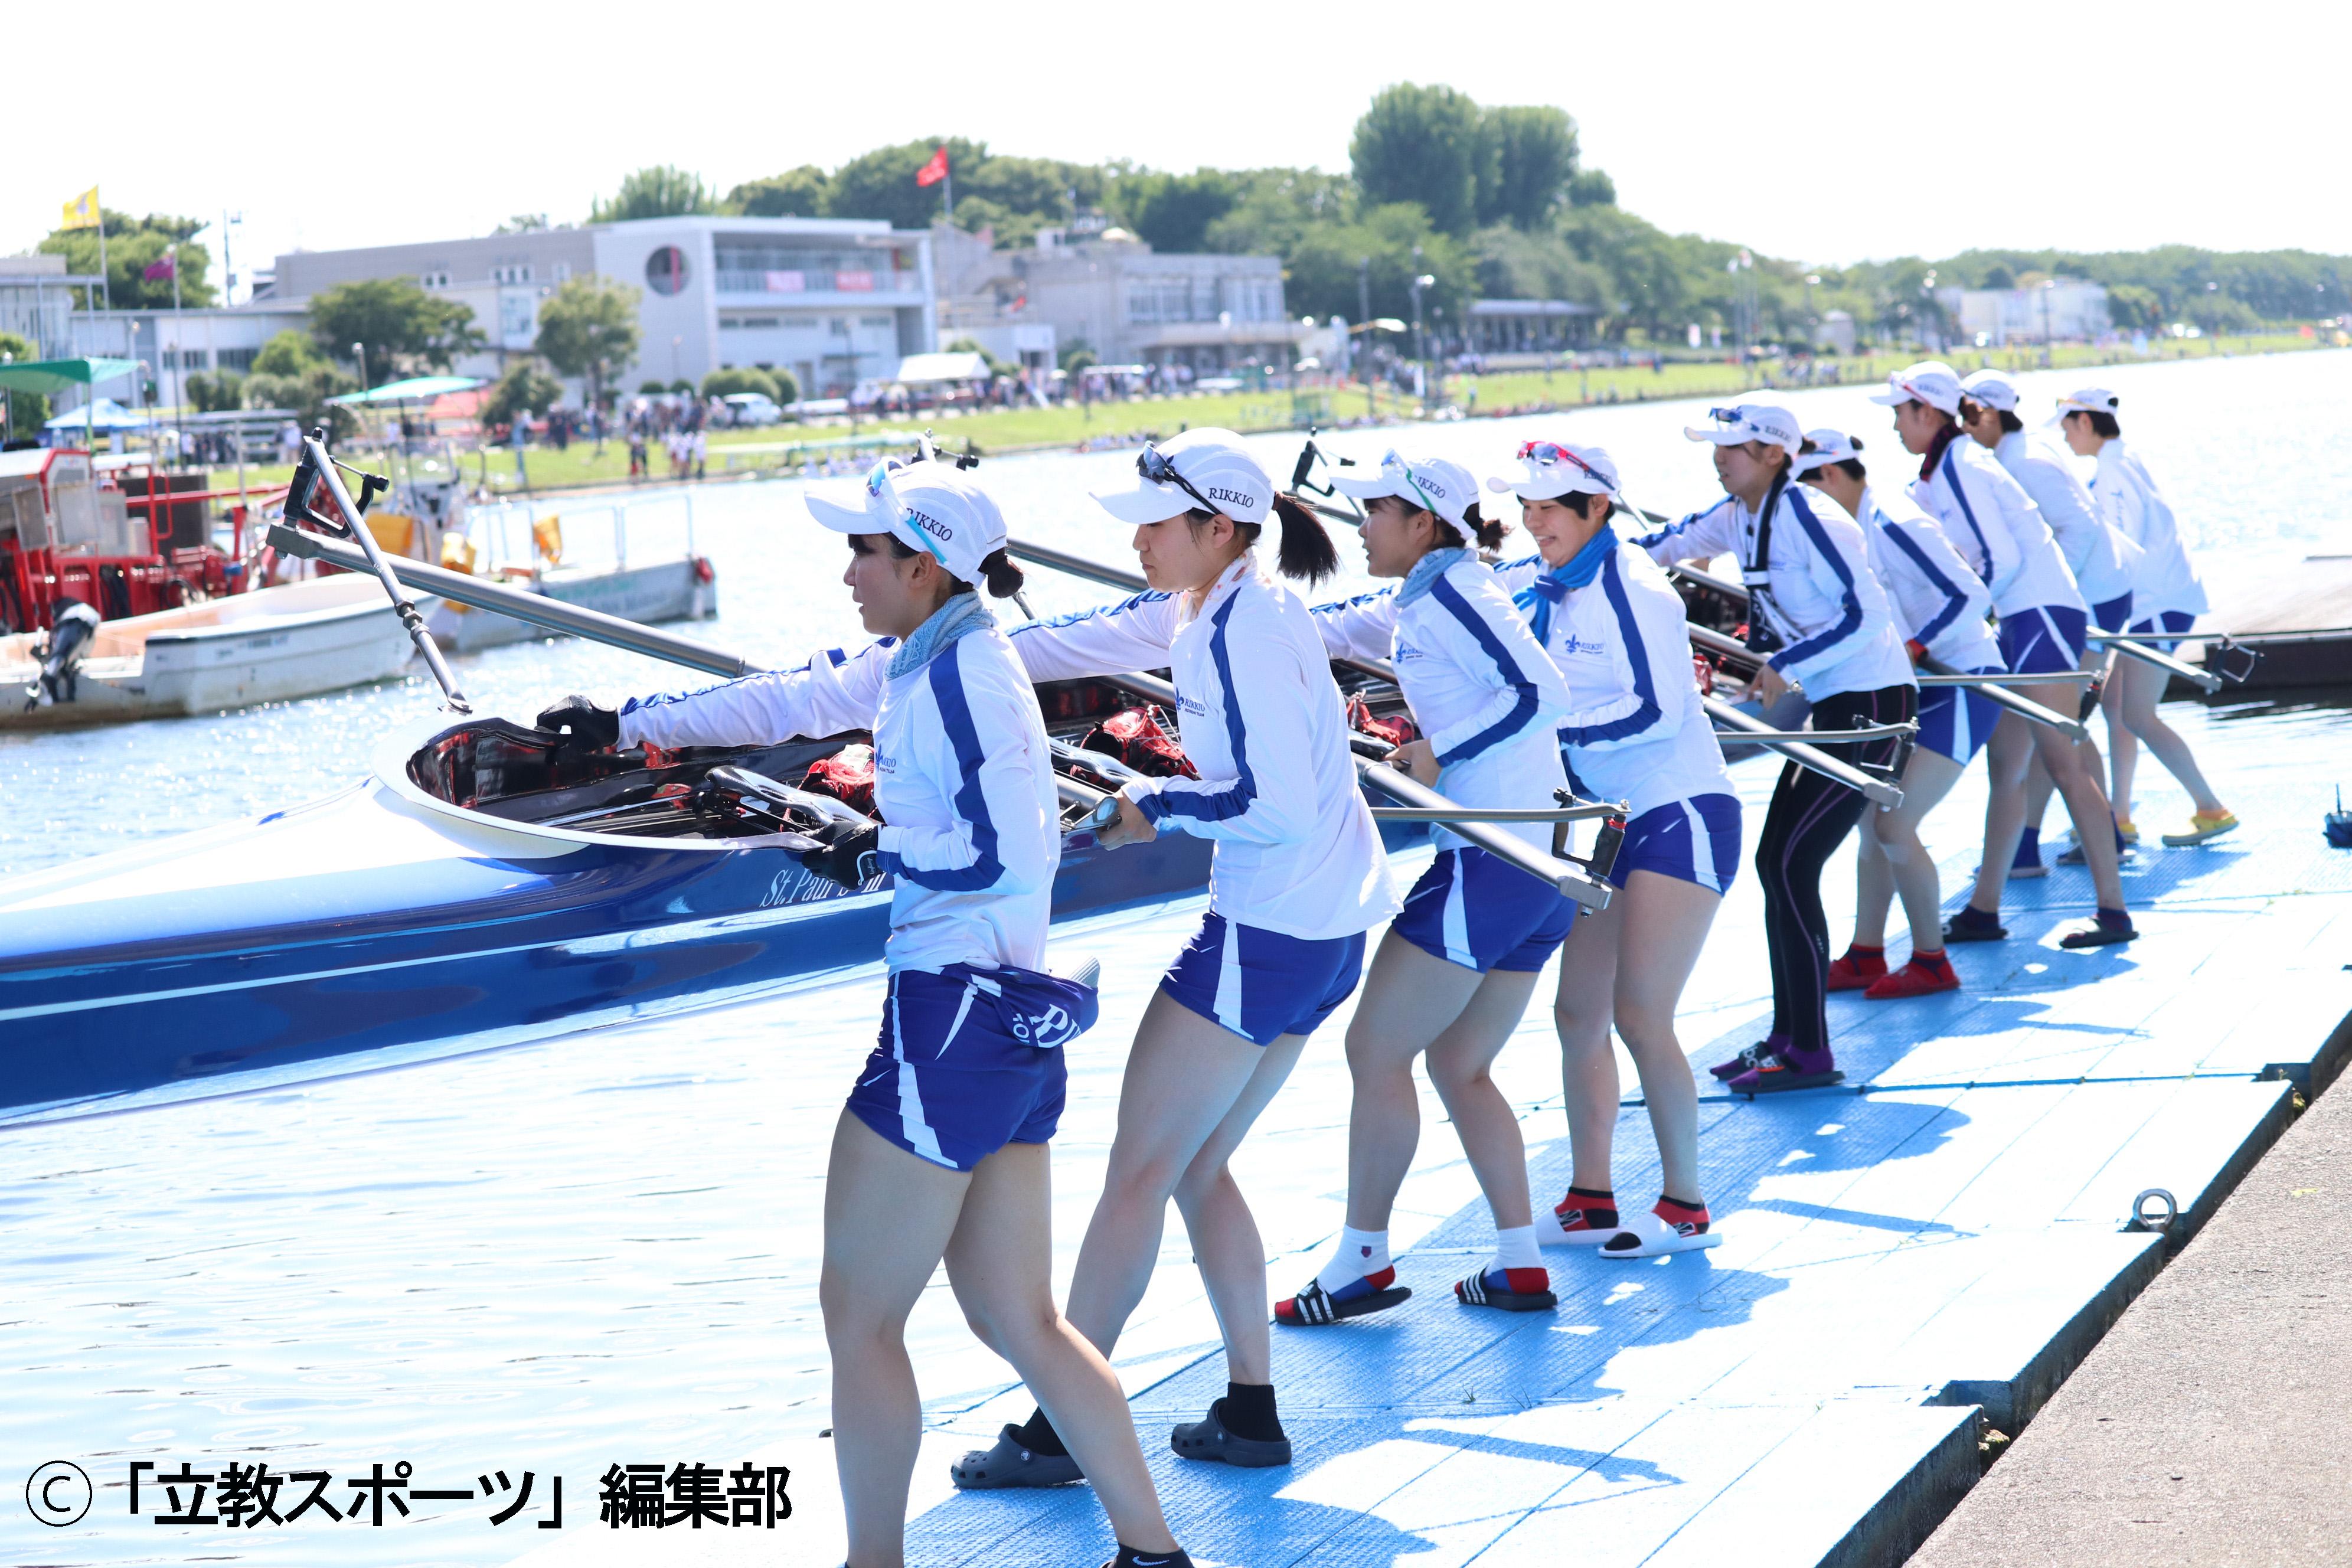 女子ボート部 法政大学ボート部 ニュース